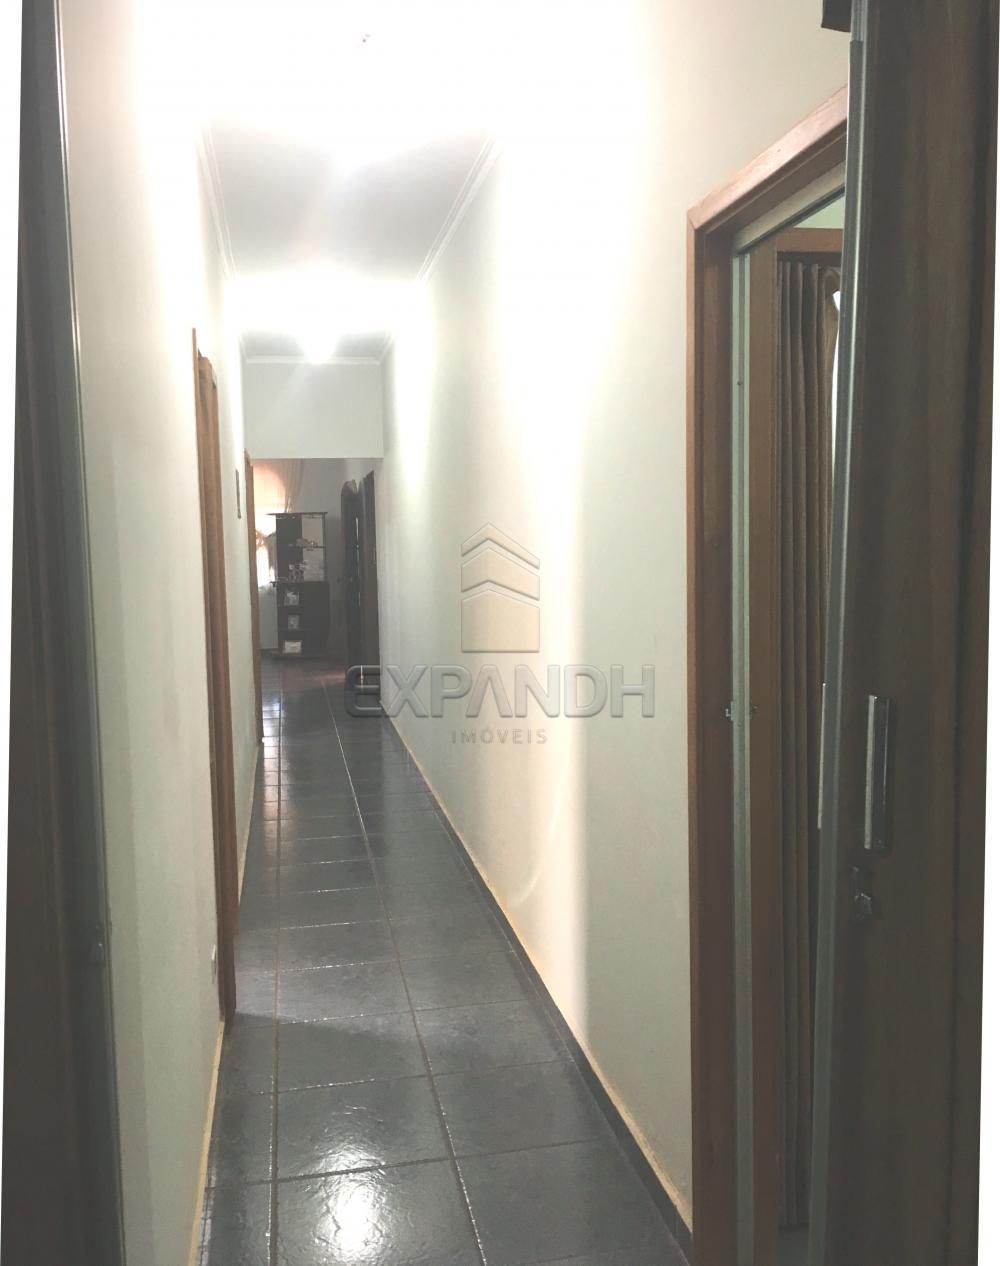 Comprar Casas / Padrão em Sertãozinho R$ 410.000,00 - Foto 13